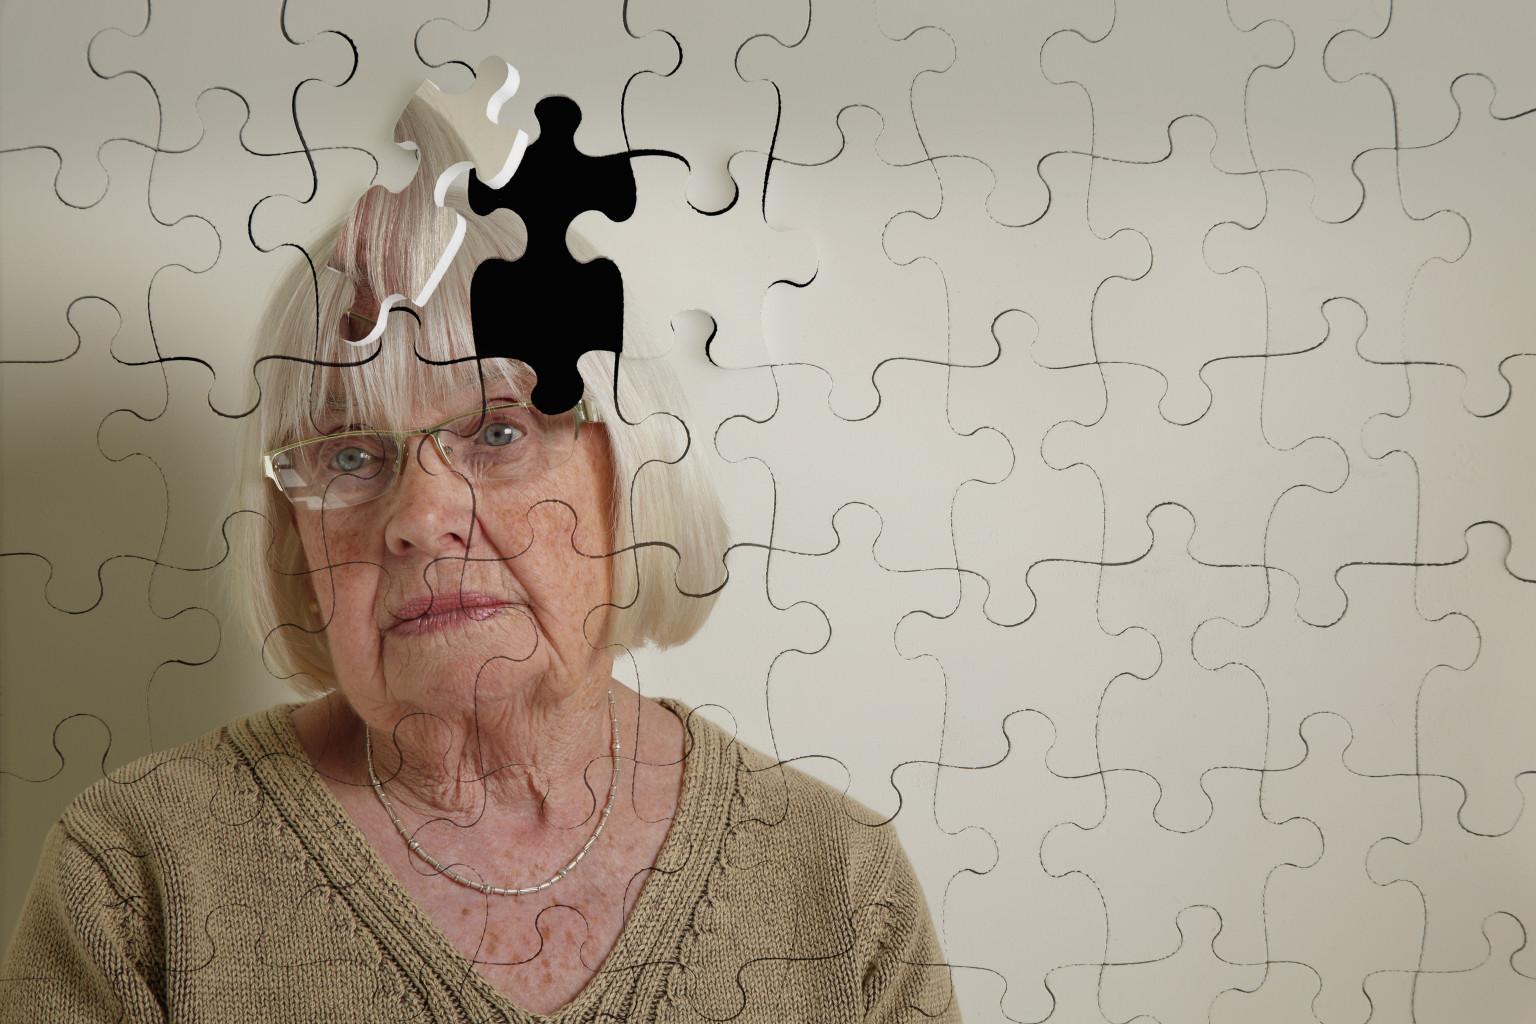 Больные деменцией чаще прочих умирают от гриппа